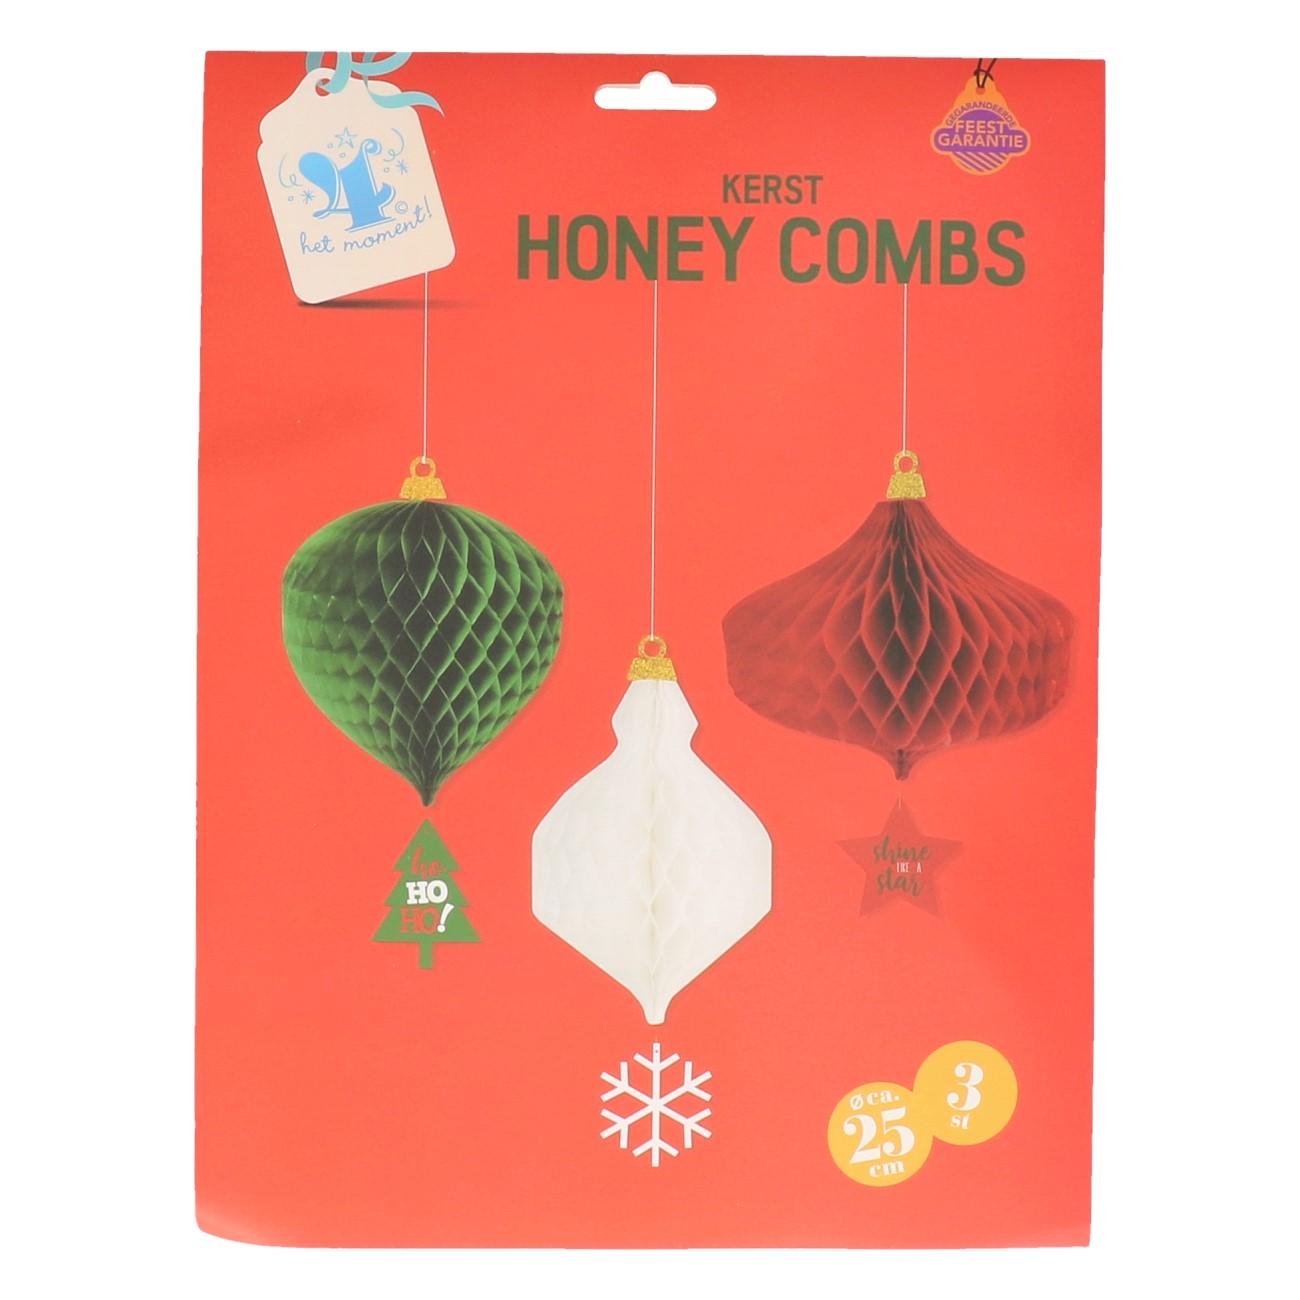 Kerst honey combs